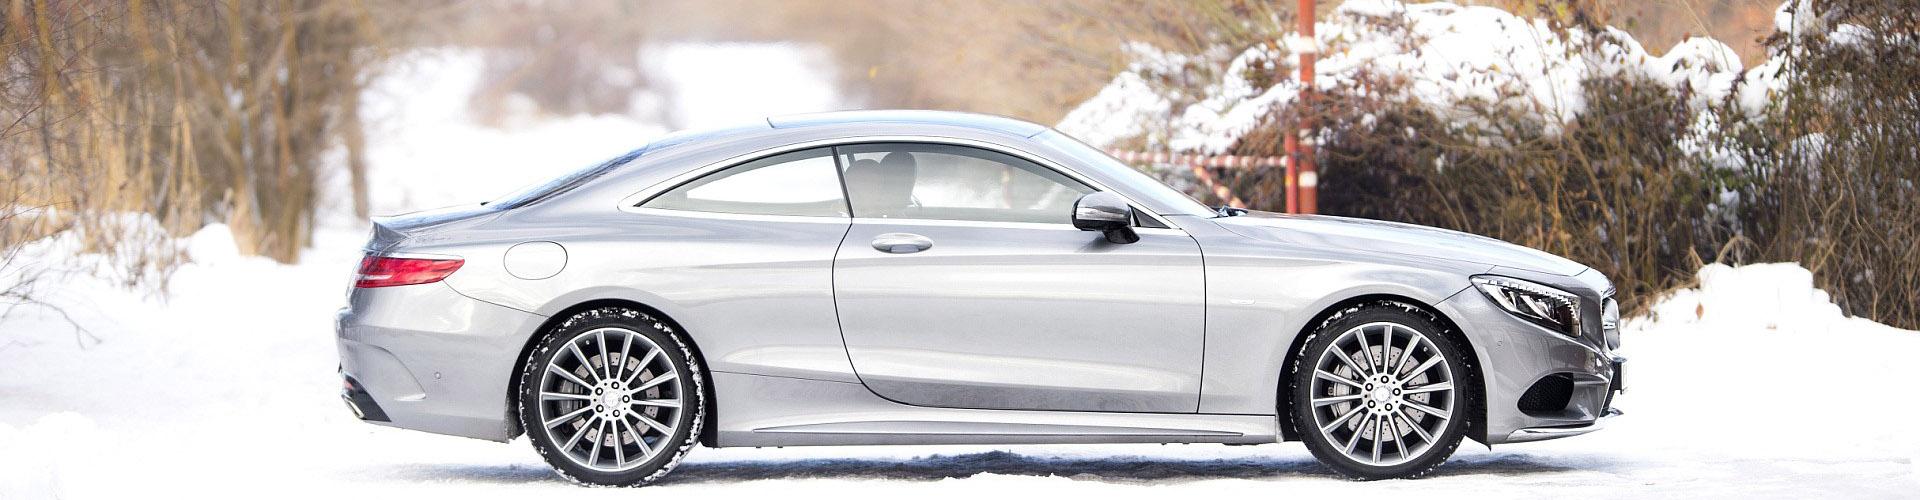 Sneeuwkettingen voor de Mercedes S-klasse